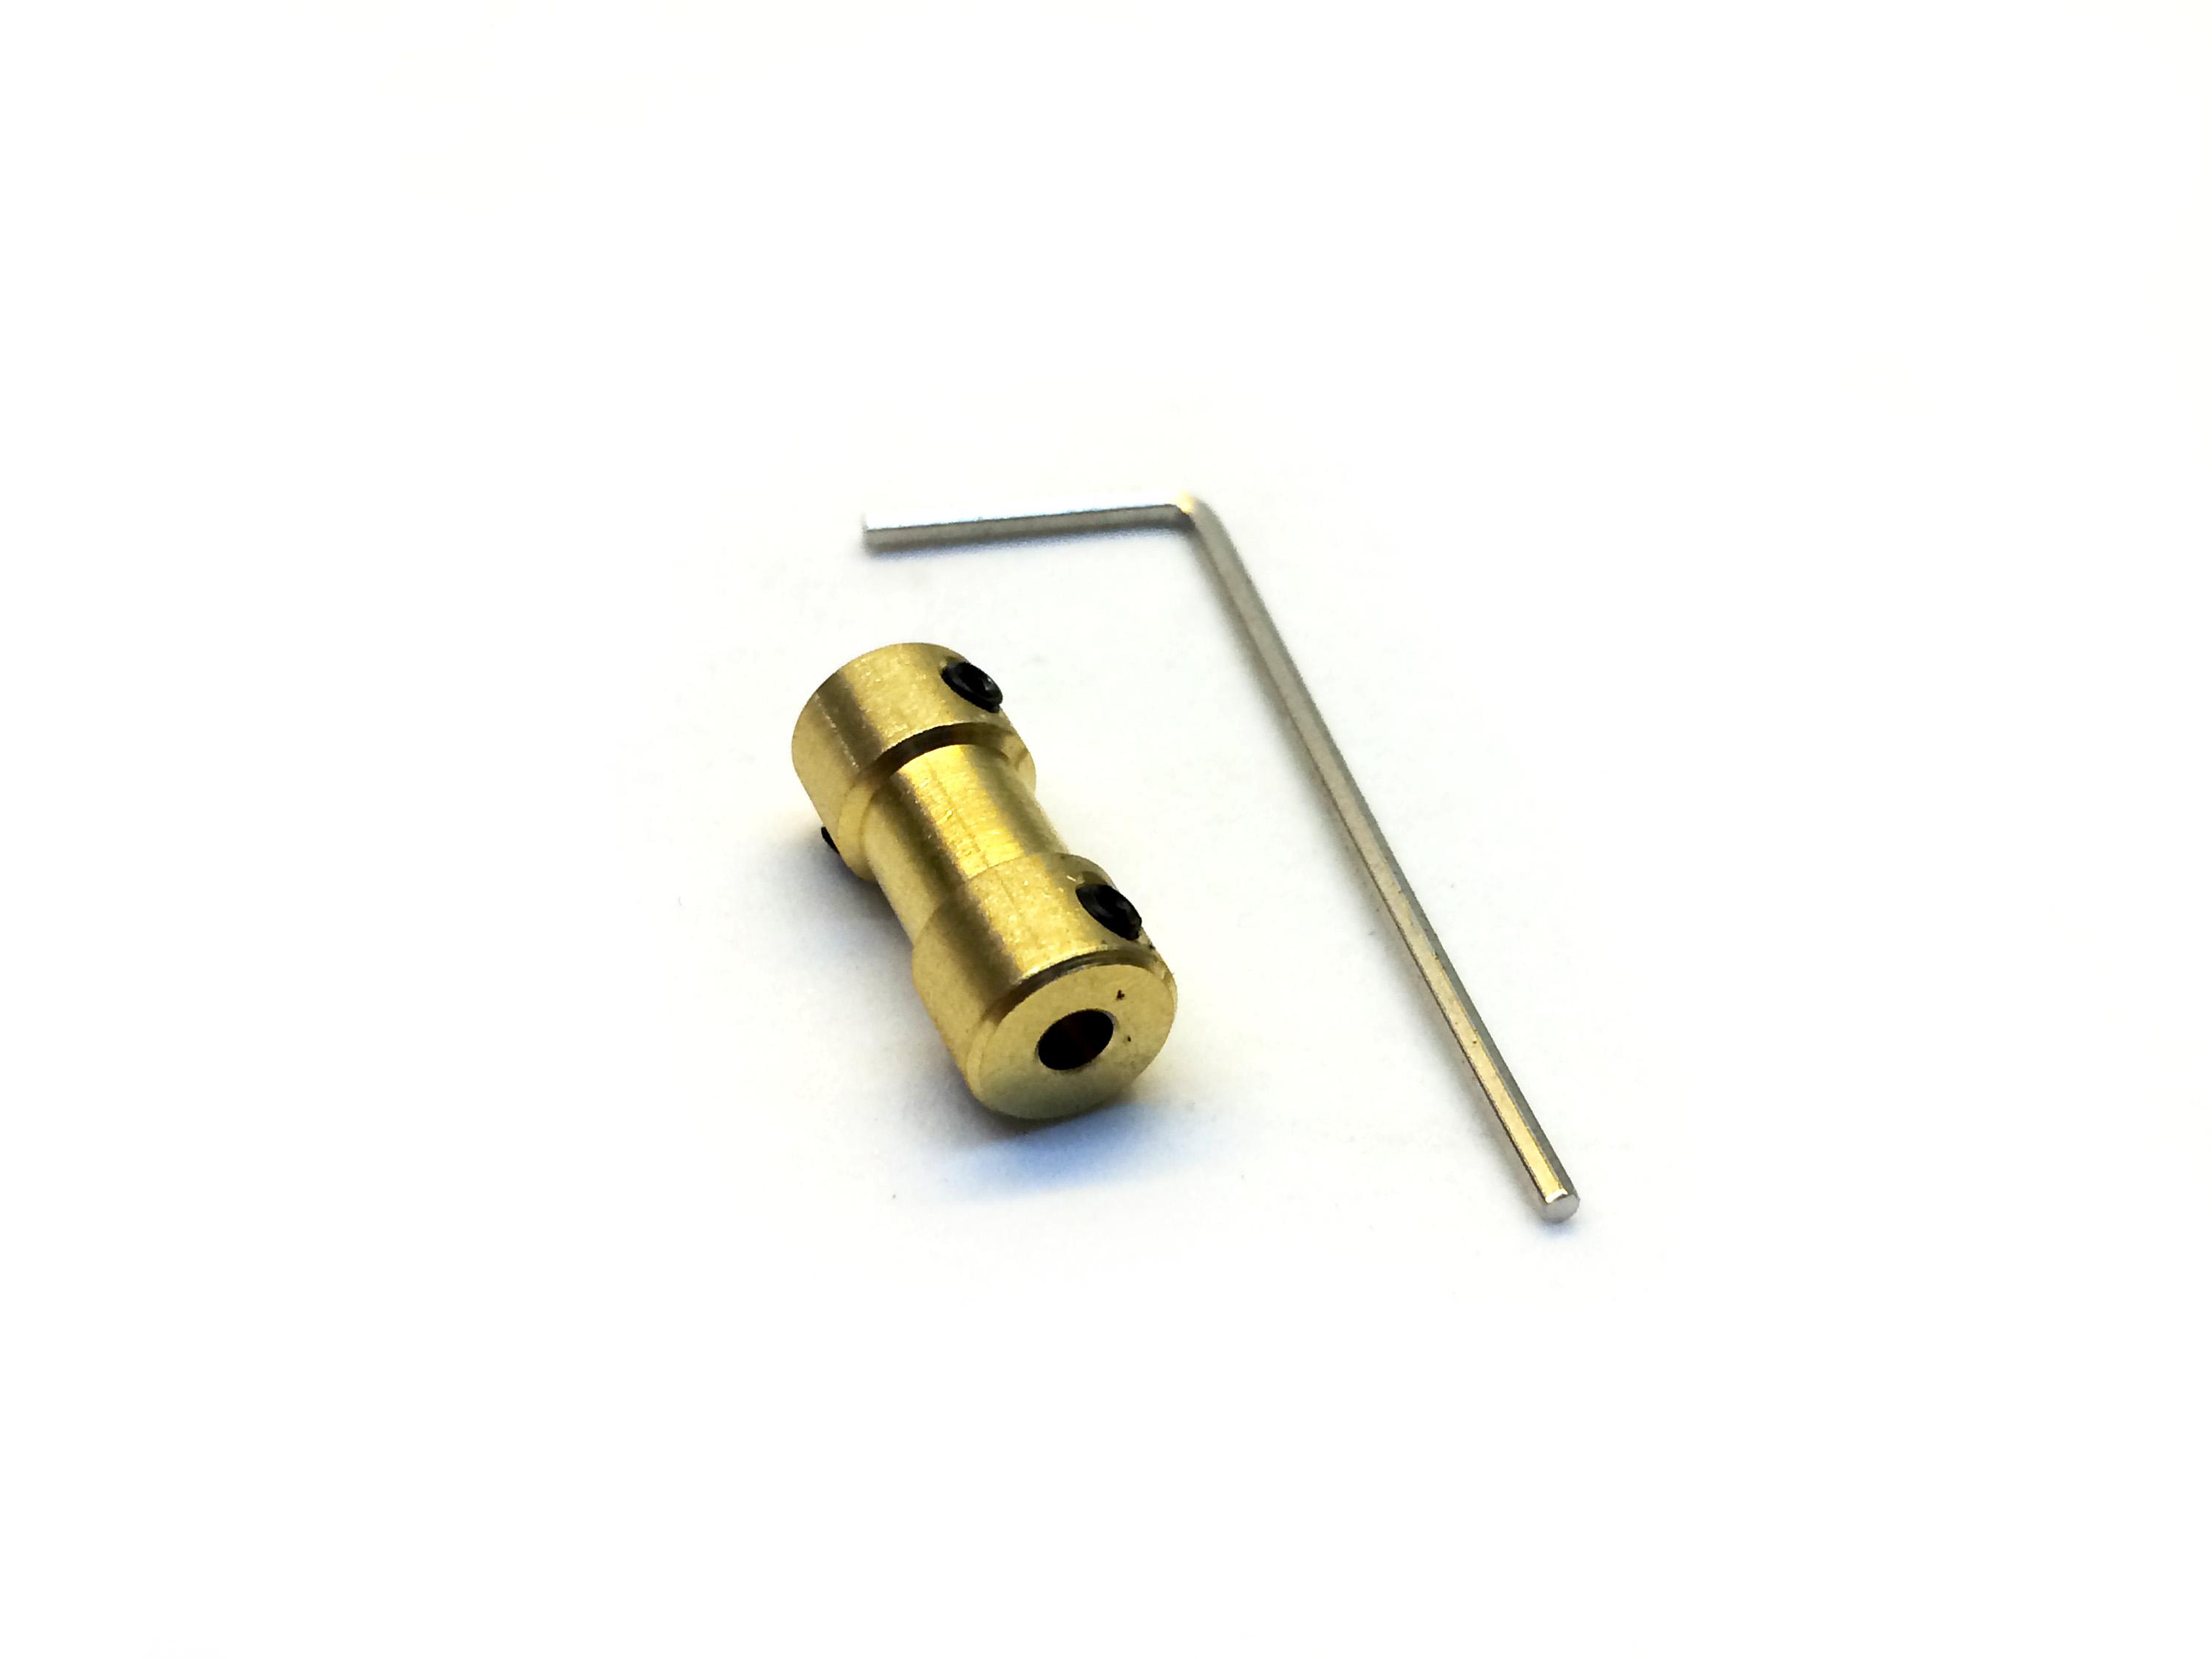 Đầu kẹp mũi khoan trục 3mm x 5mm